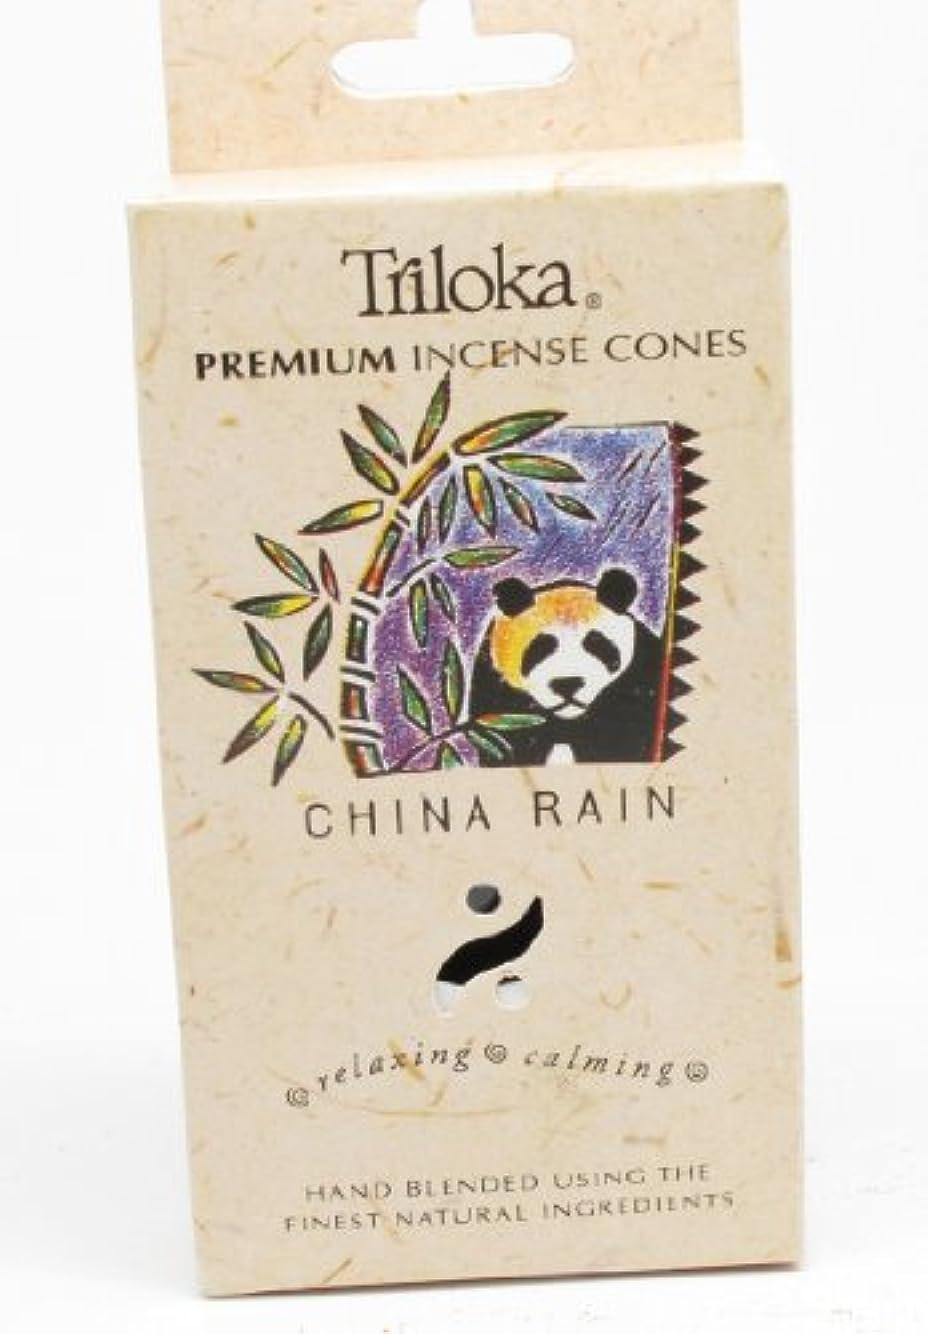 ポジション八百屋ガイド中国雨 – TrilokaプレミアムCone Incense